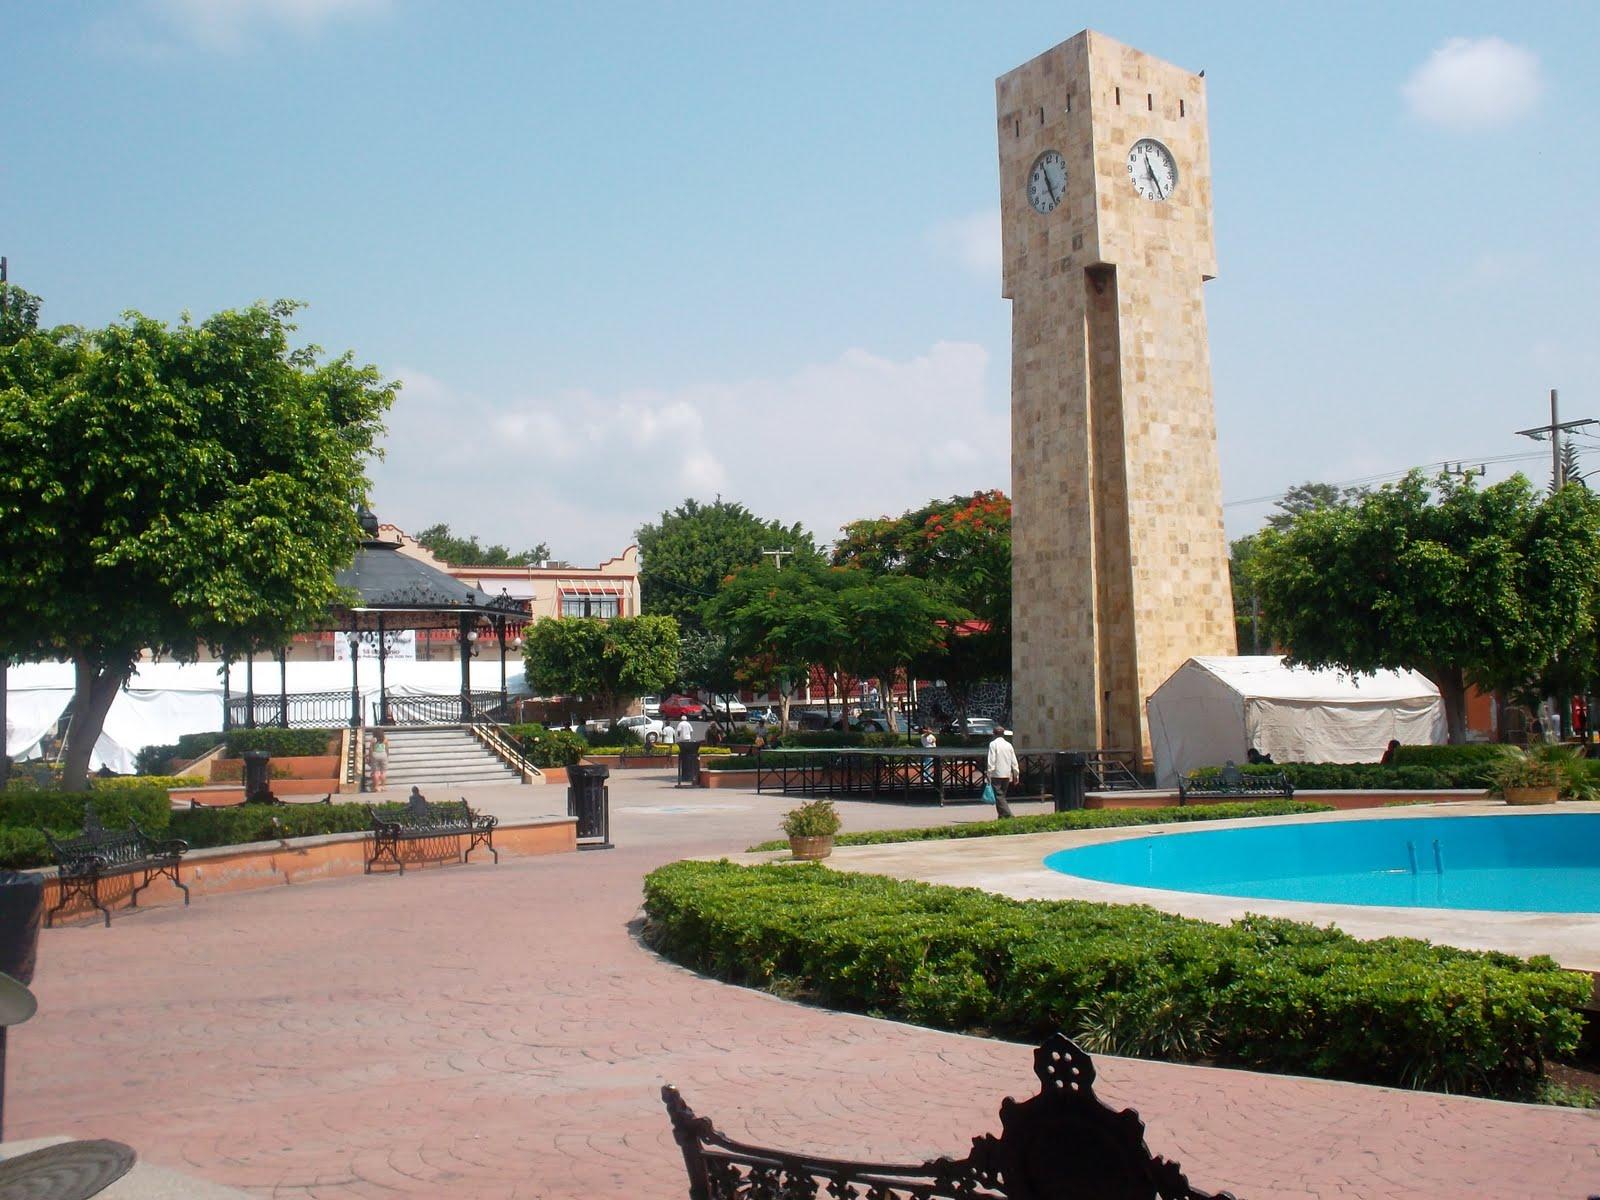 Ciudades del mundo (A a la Z) - Página 3 El_Reloj_de_Jiutepec_Morelos.